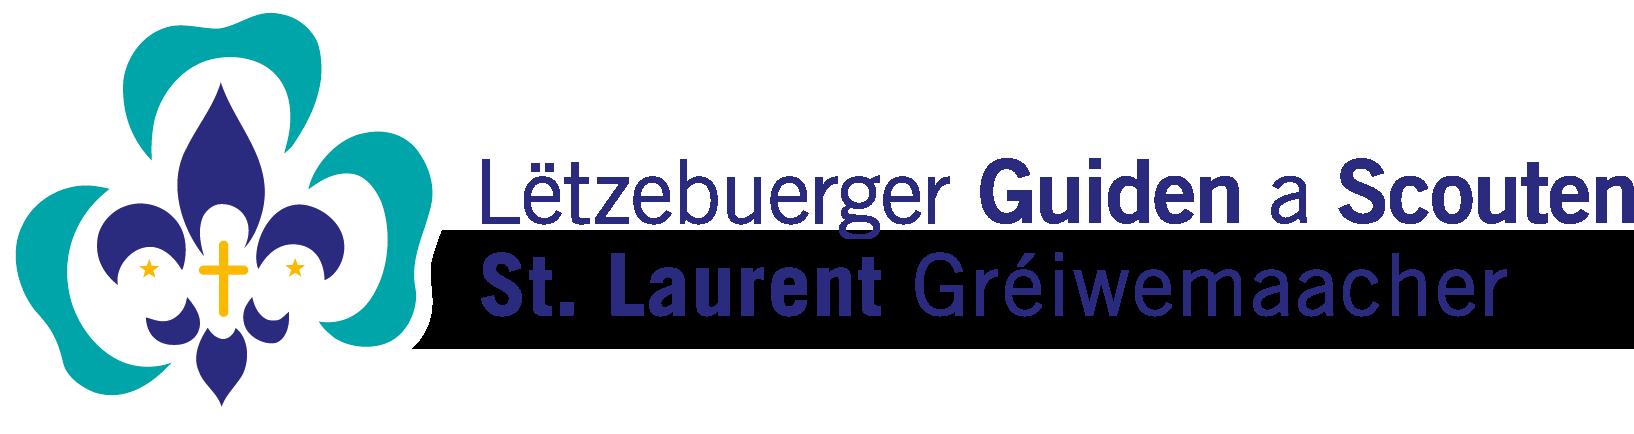 LGS - St. Laurent Grevenmacher